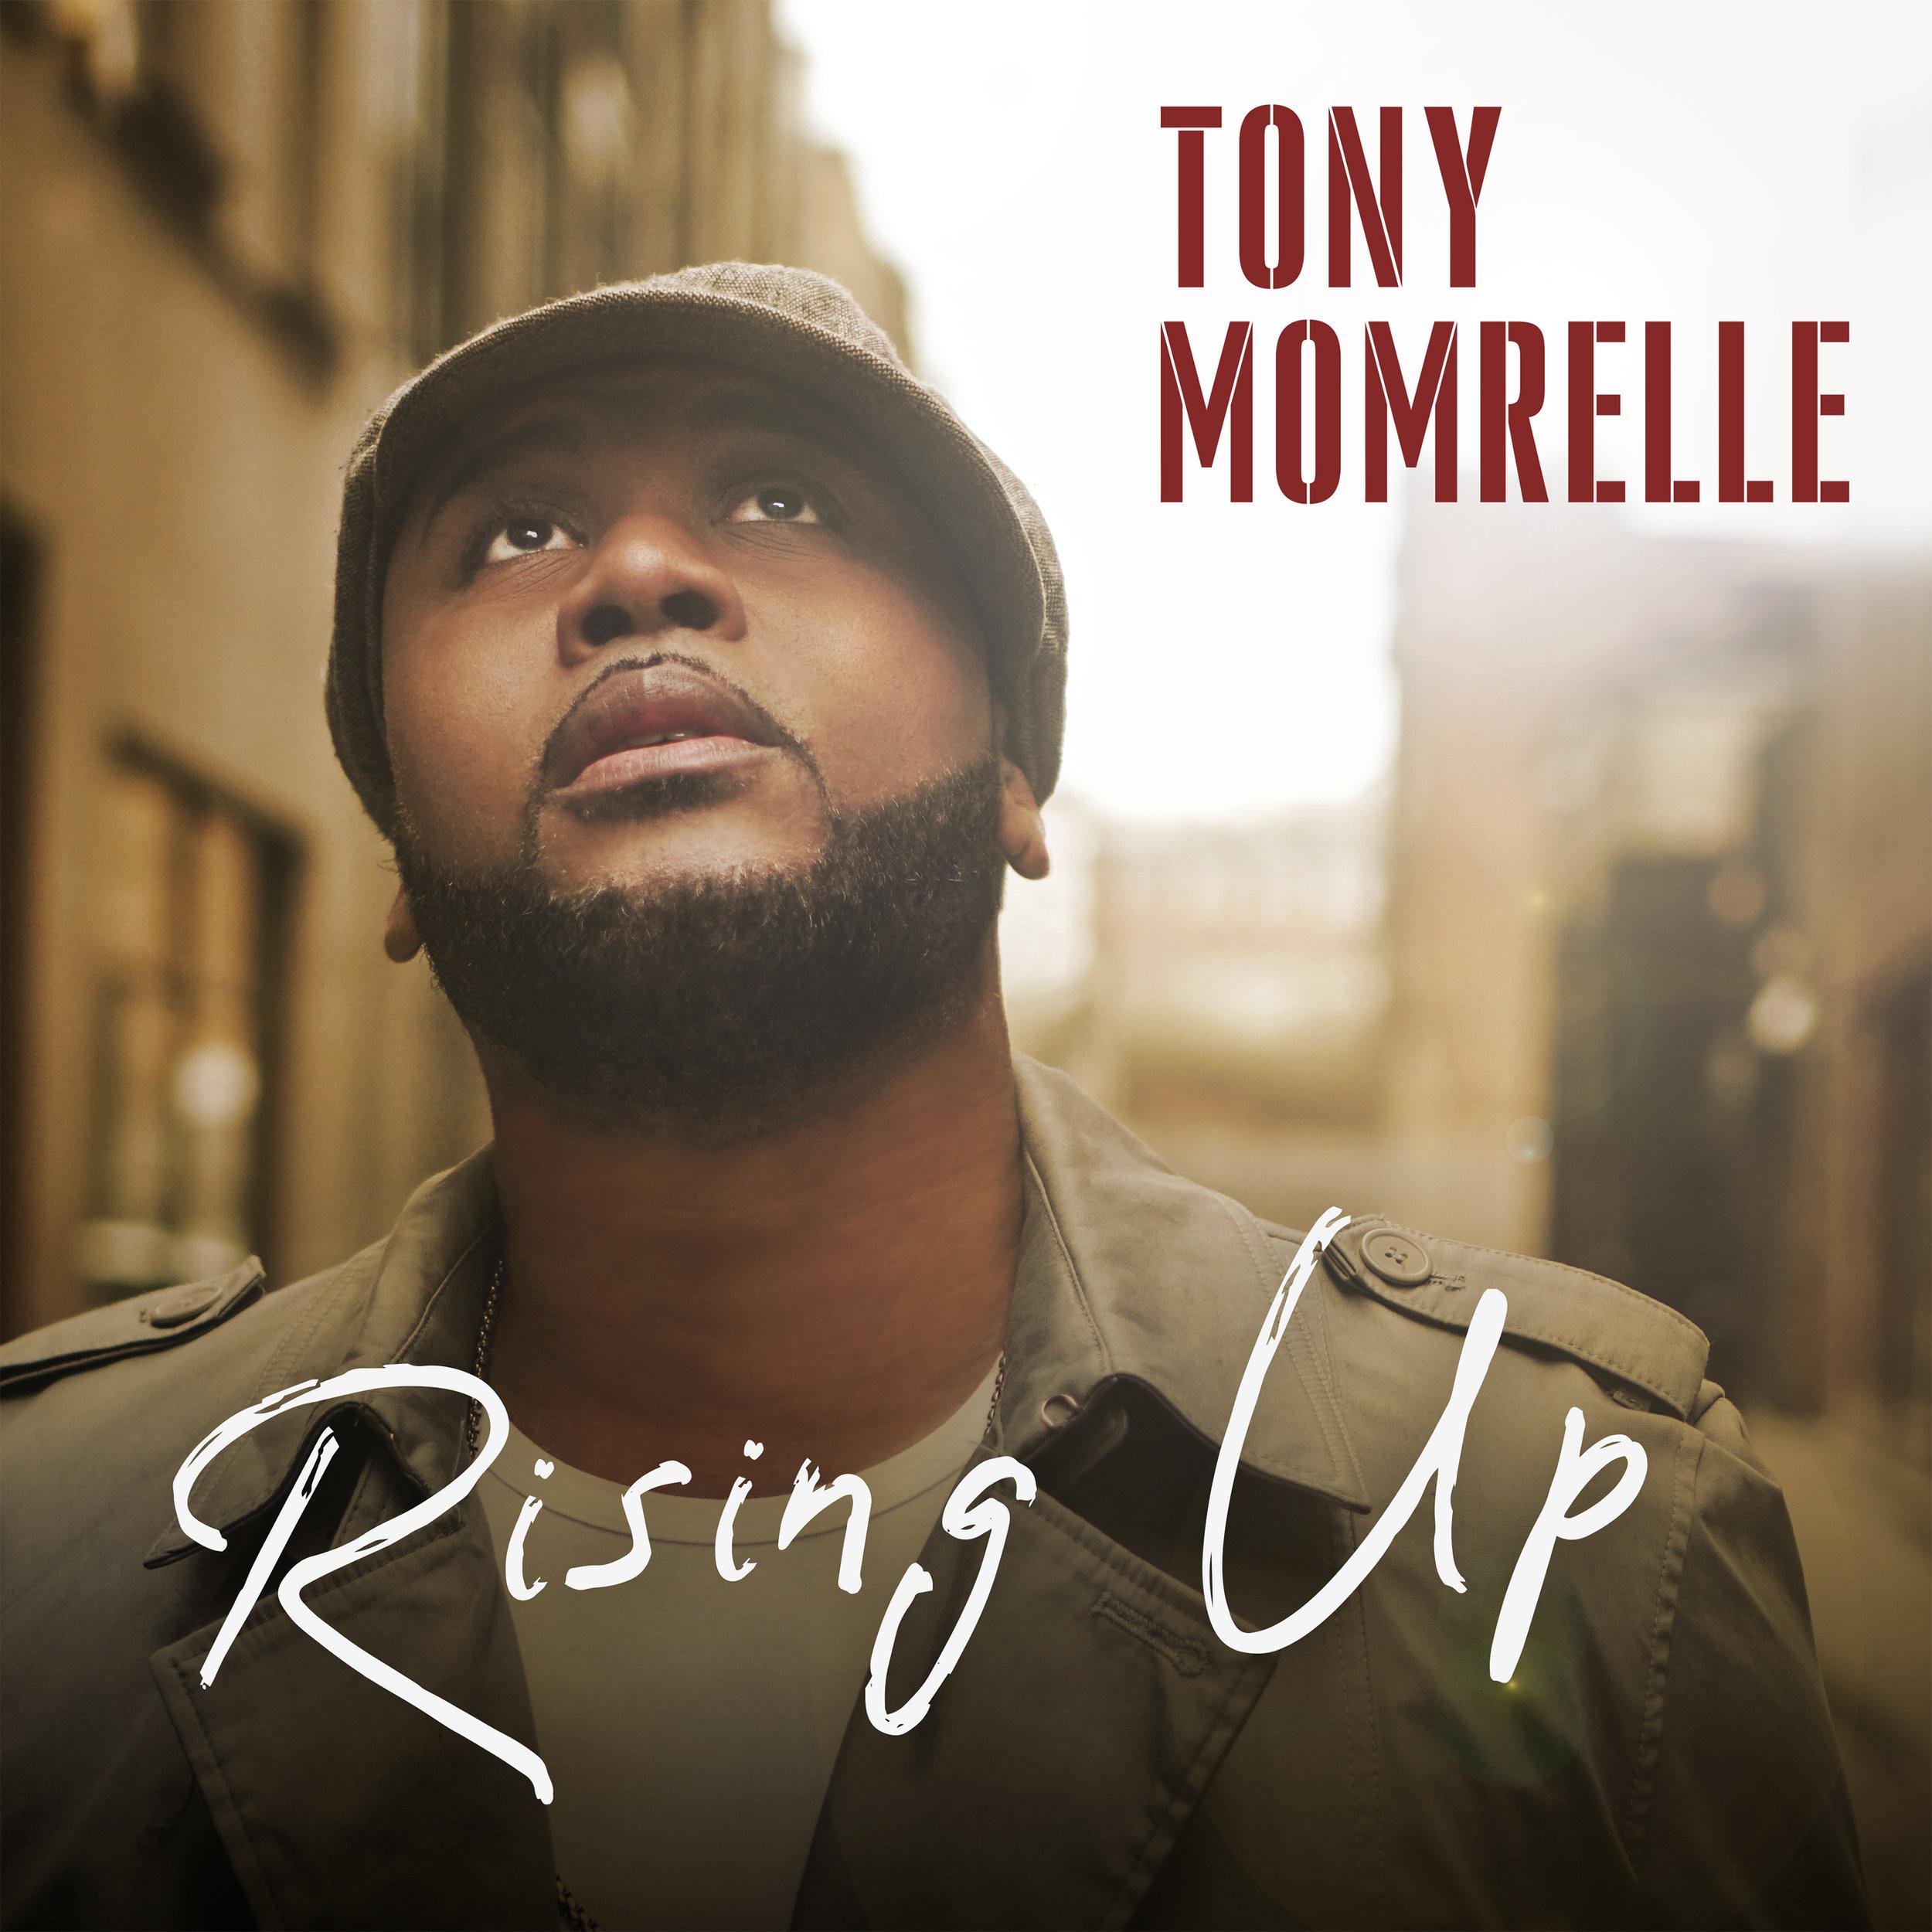 rising up tony momrelle